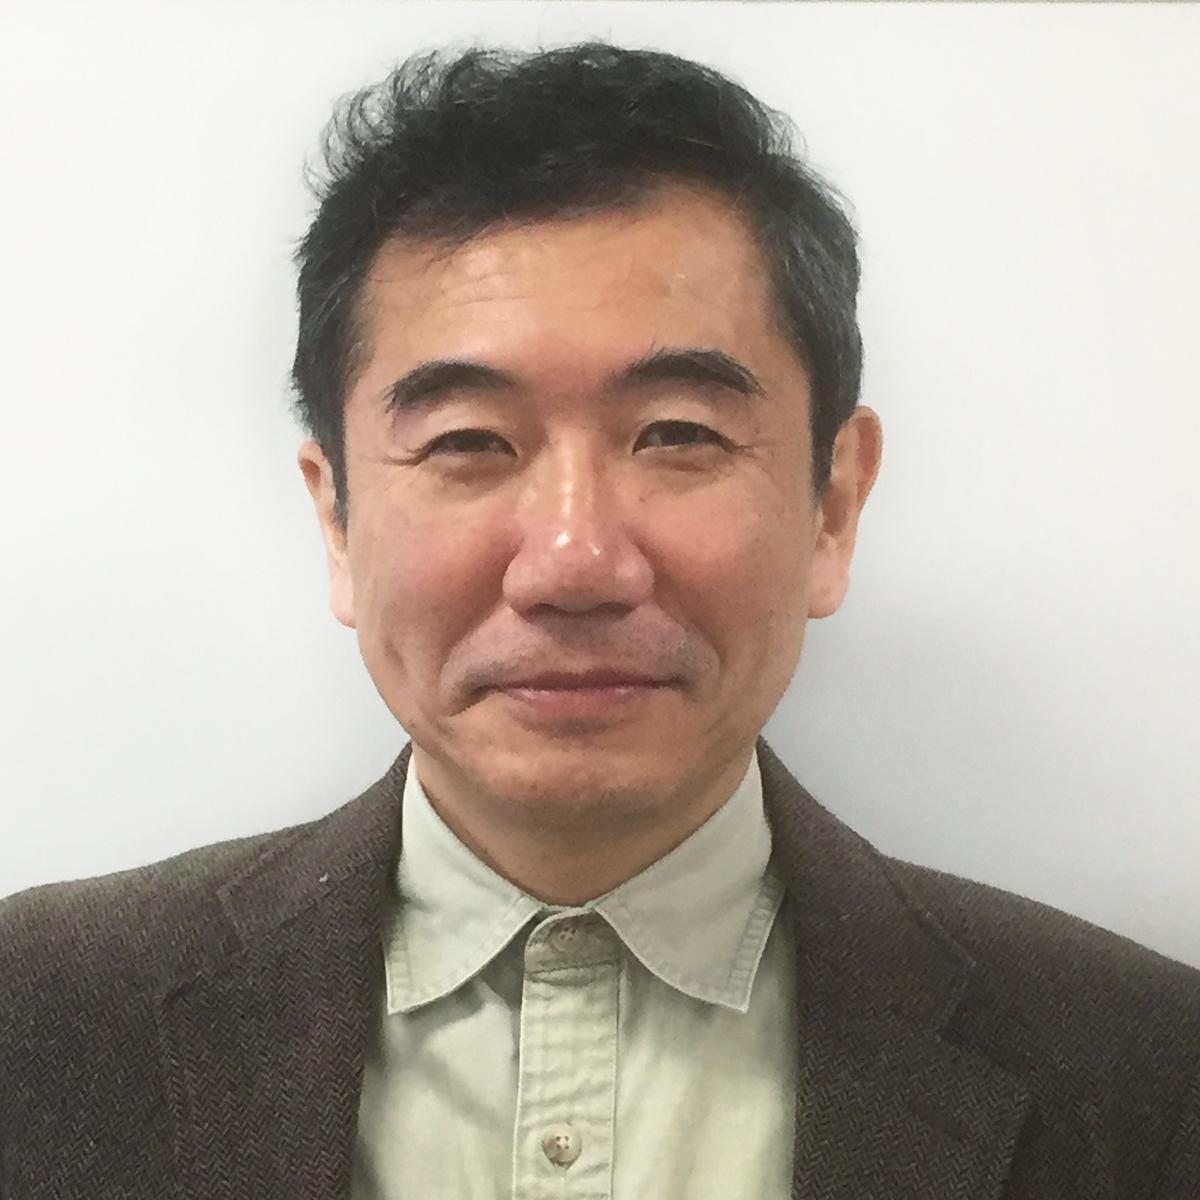 世界の中の日本古代史④DNAから日本列島人の起源と成立を探る~ヤポネシアゲノムとは?のイメージ